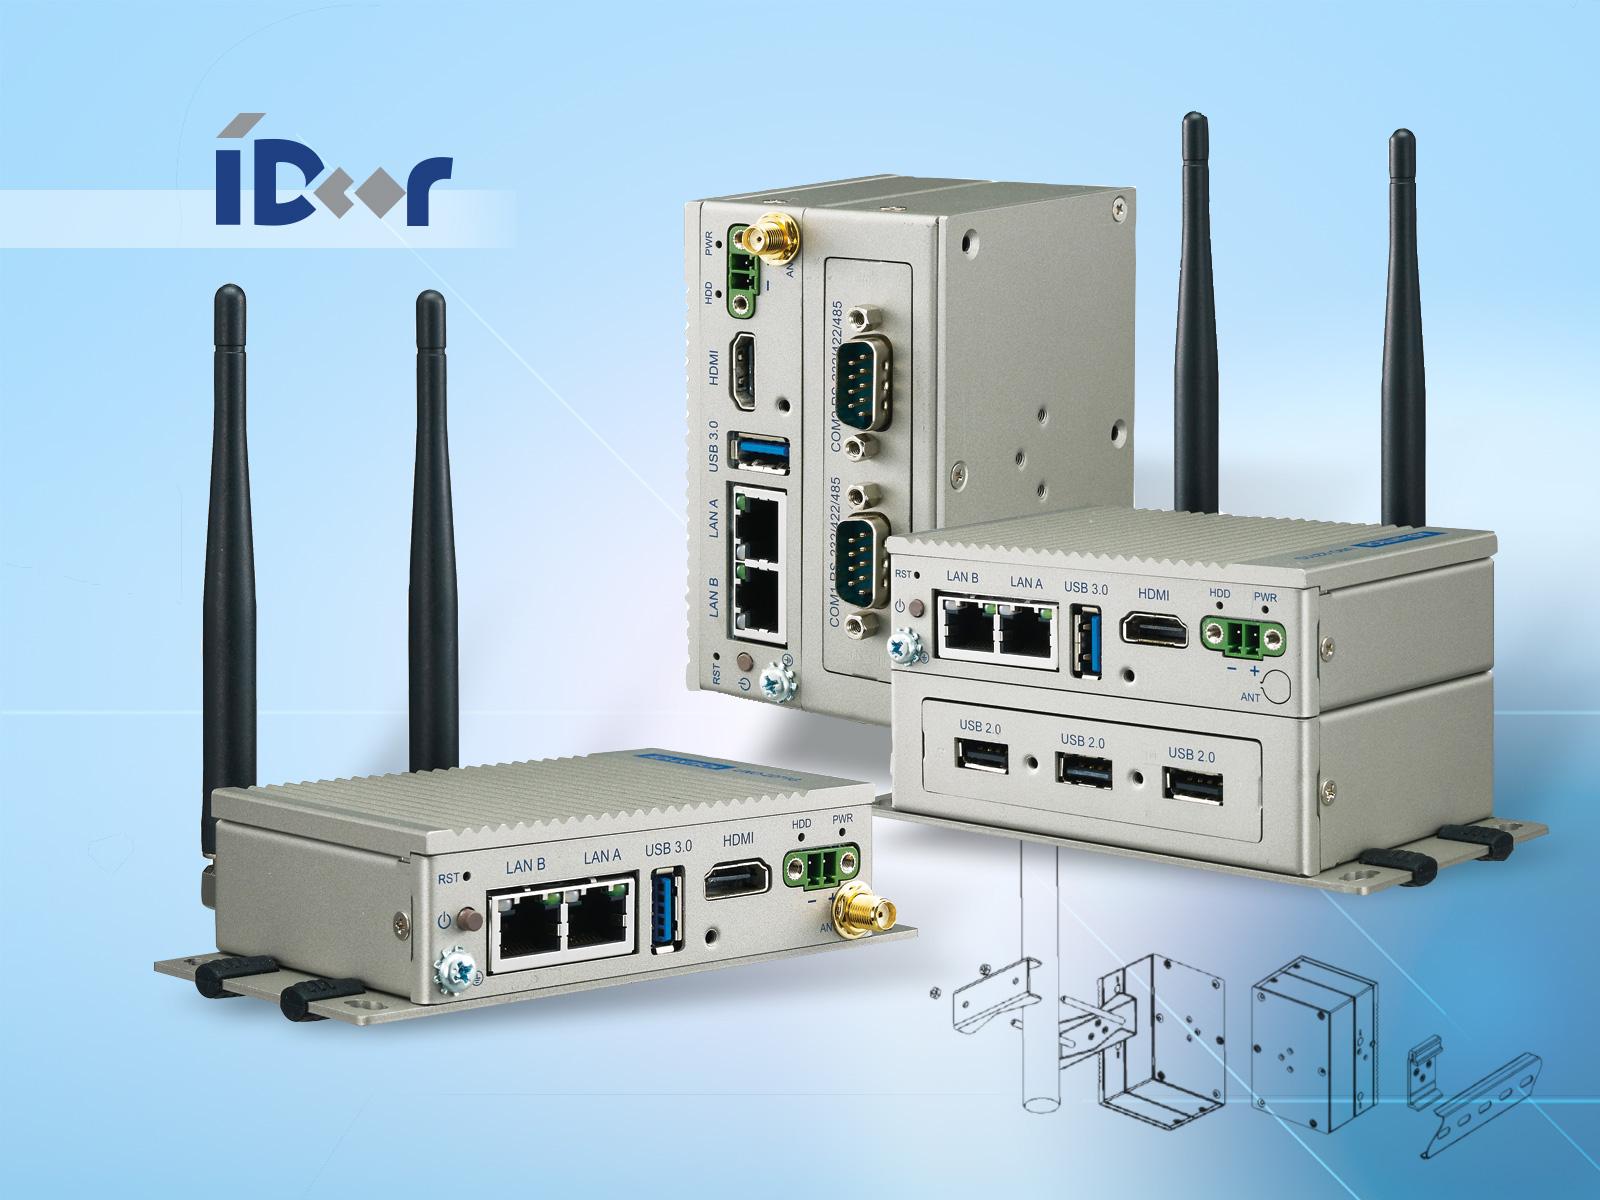 Taschen-Rechner: UNO-2271G für's IoT